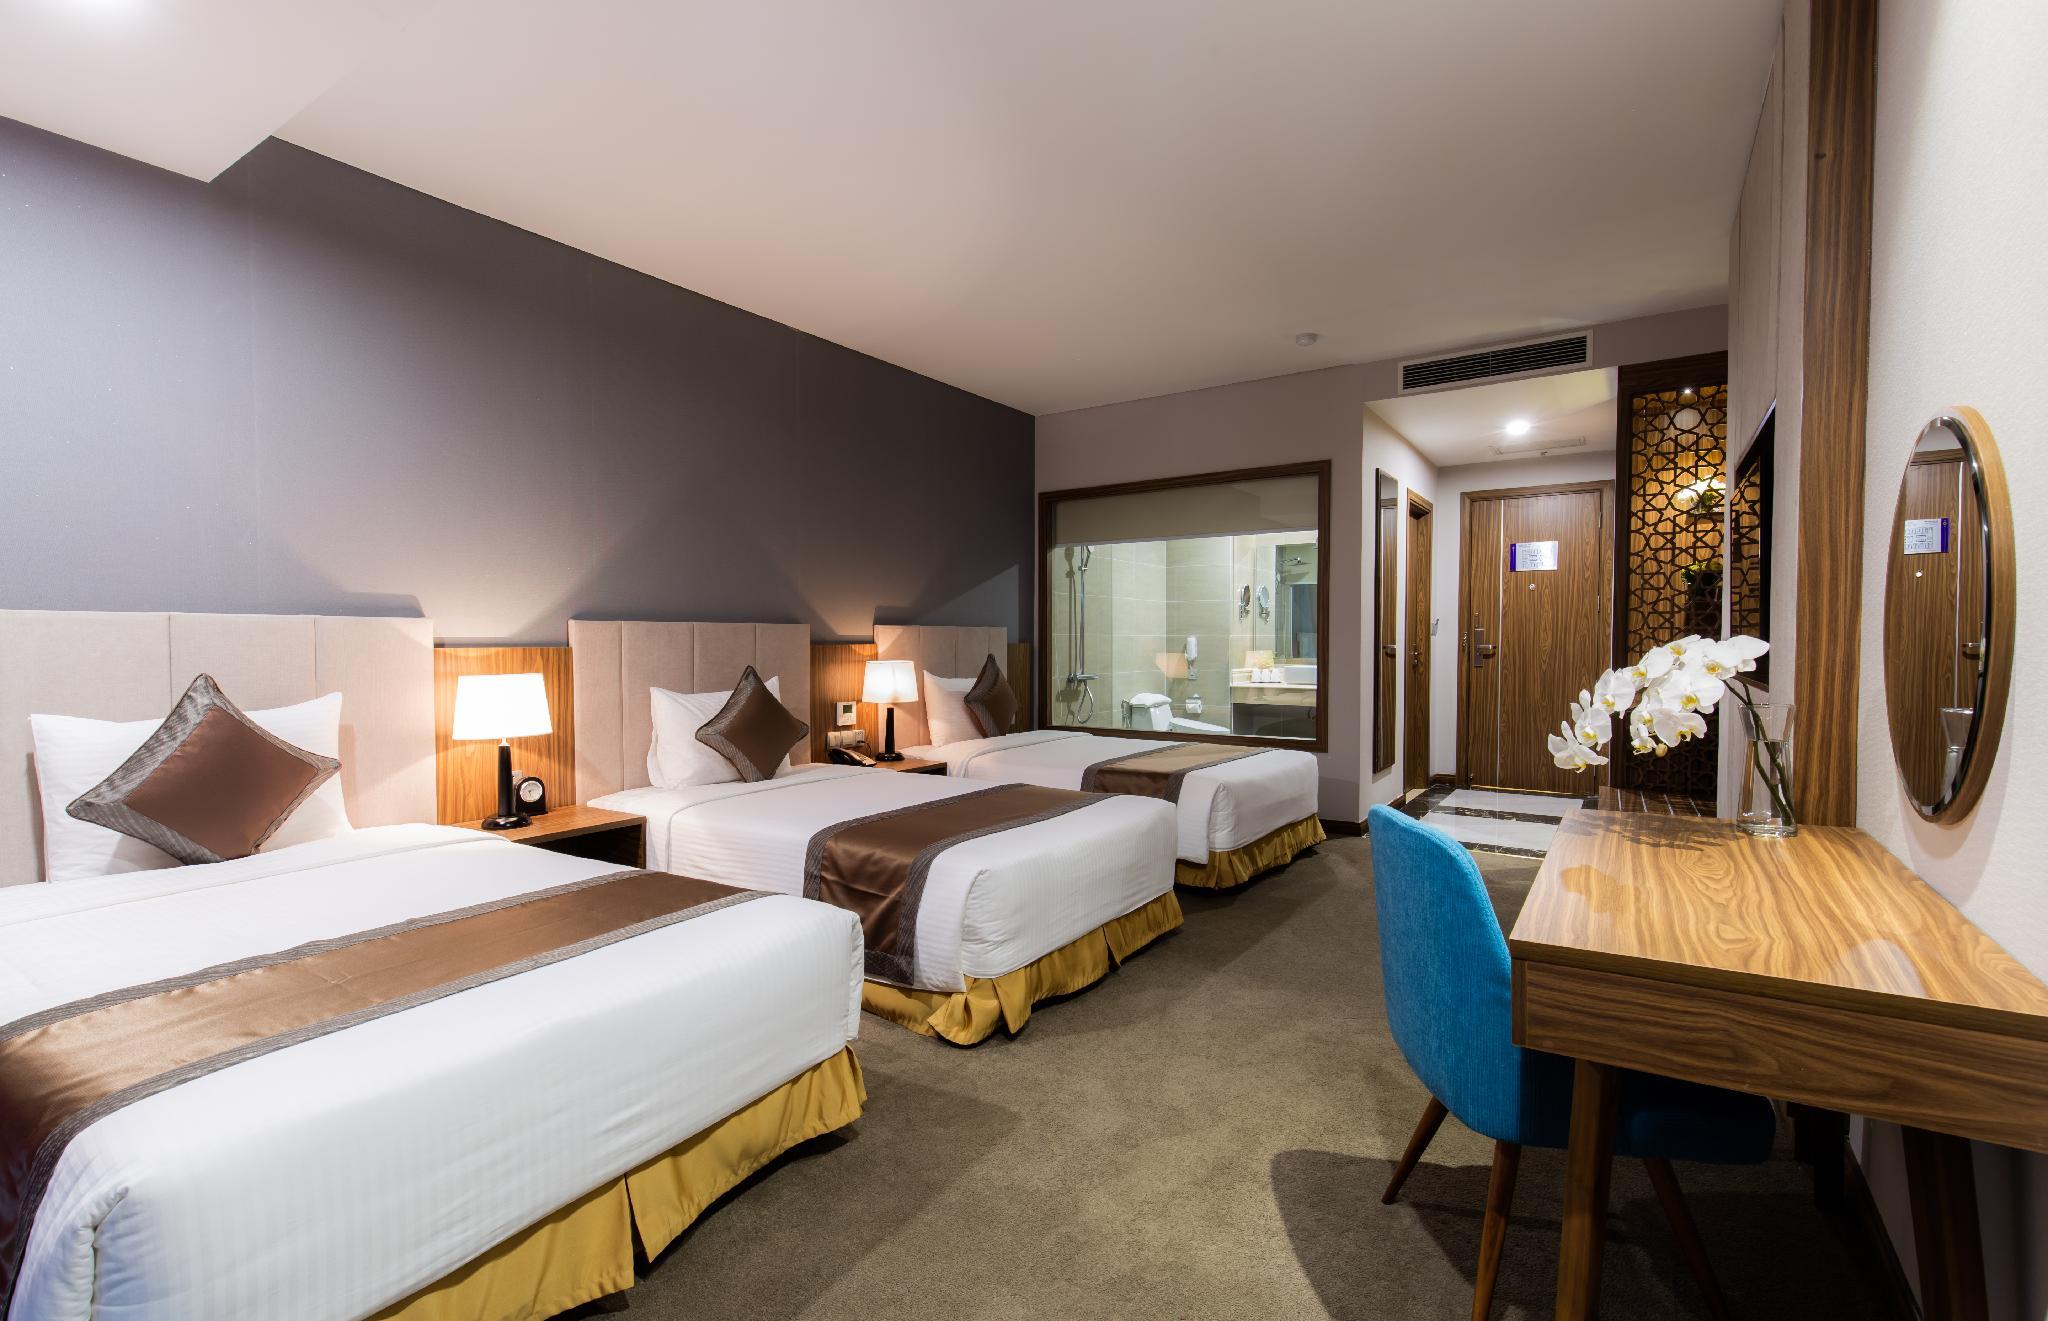 Phòng deluxe 3 người mường thanh luxury viễn triều nha trang